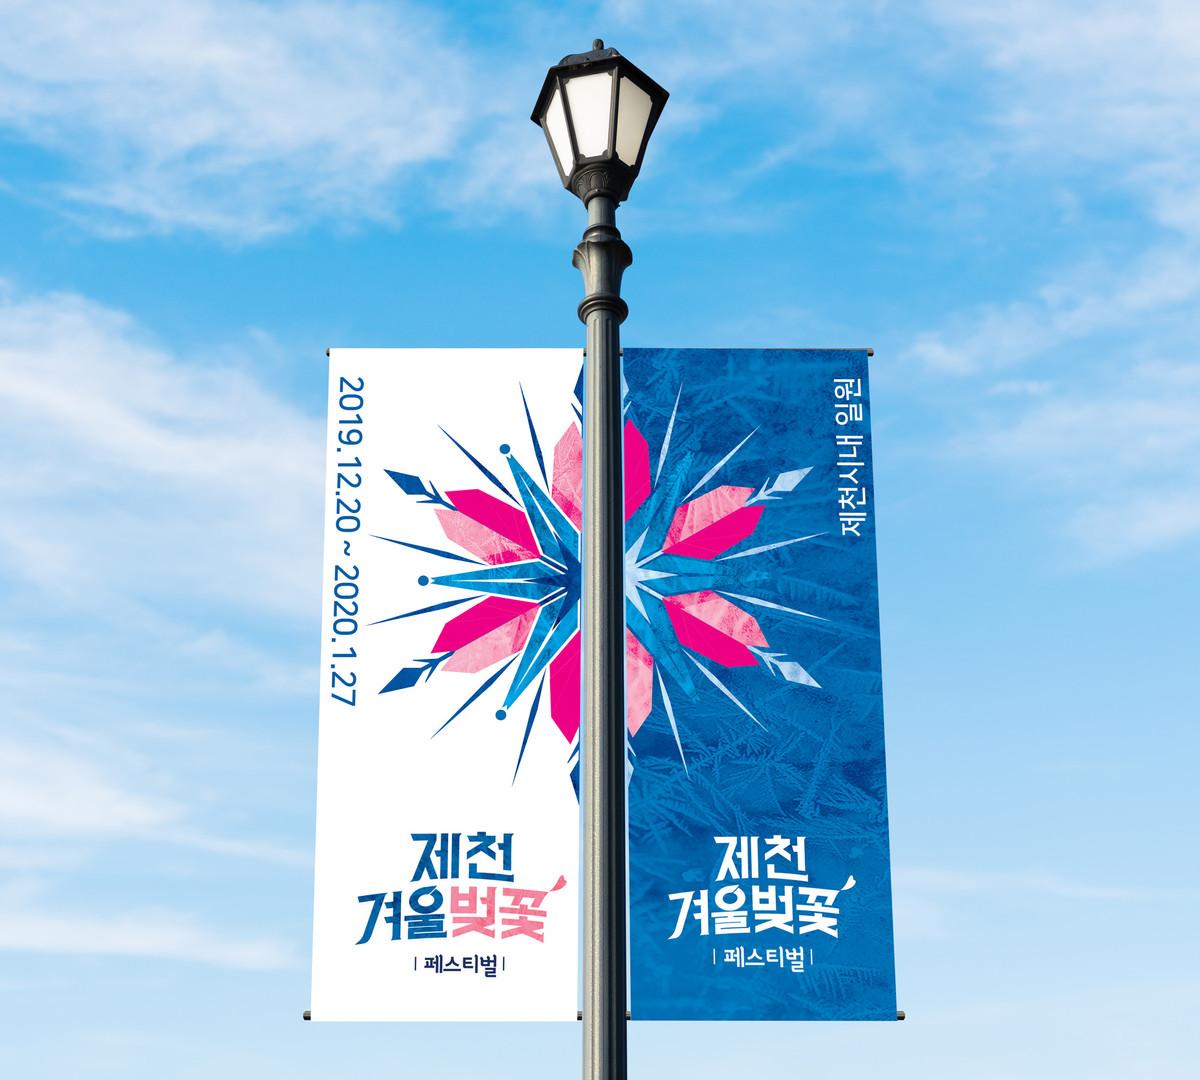 픽토_제천-겨울벚꽃페스티벌_가로등_배너-디자인.jpg